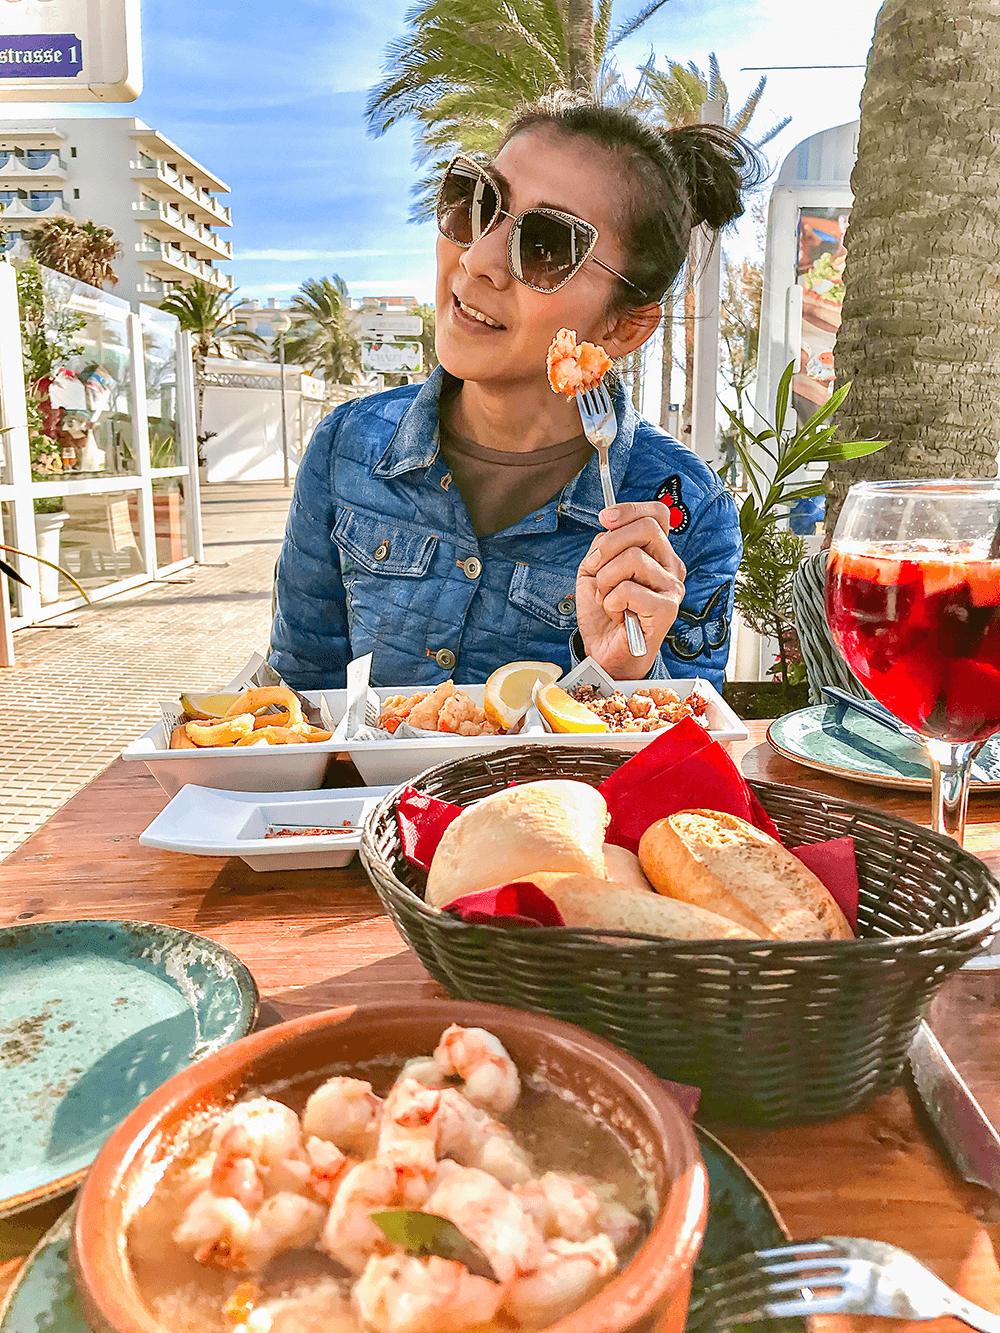 Mittagessen im Linos 2 in Palma